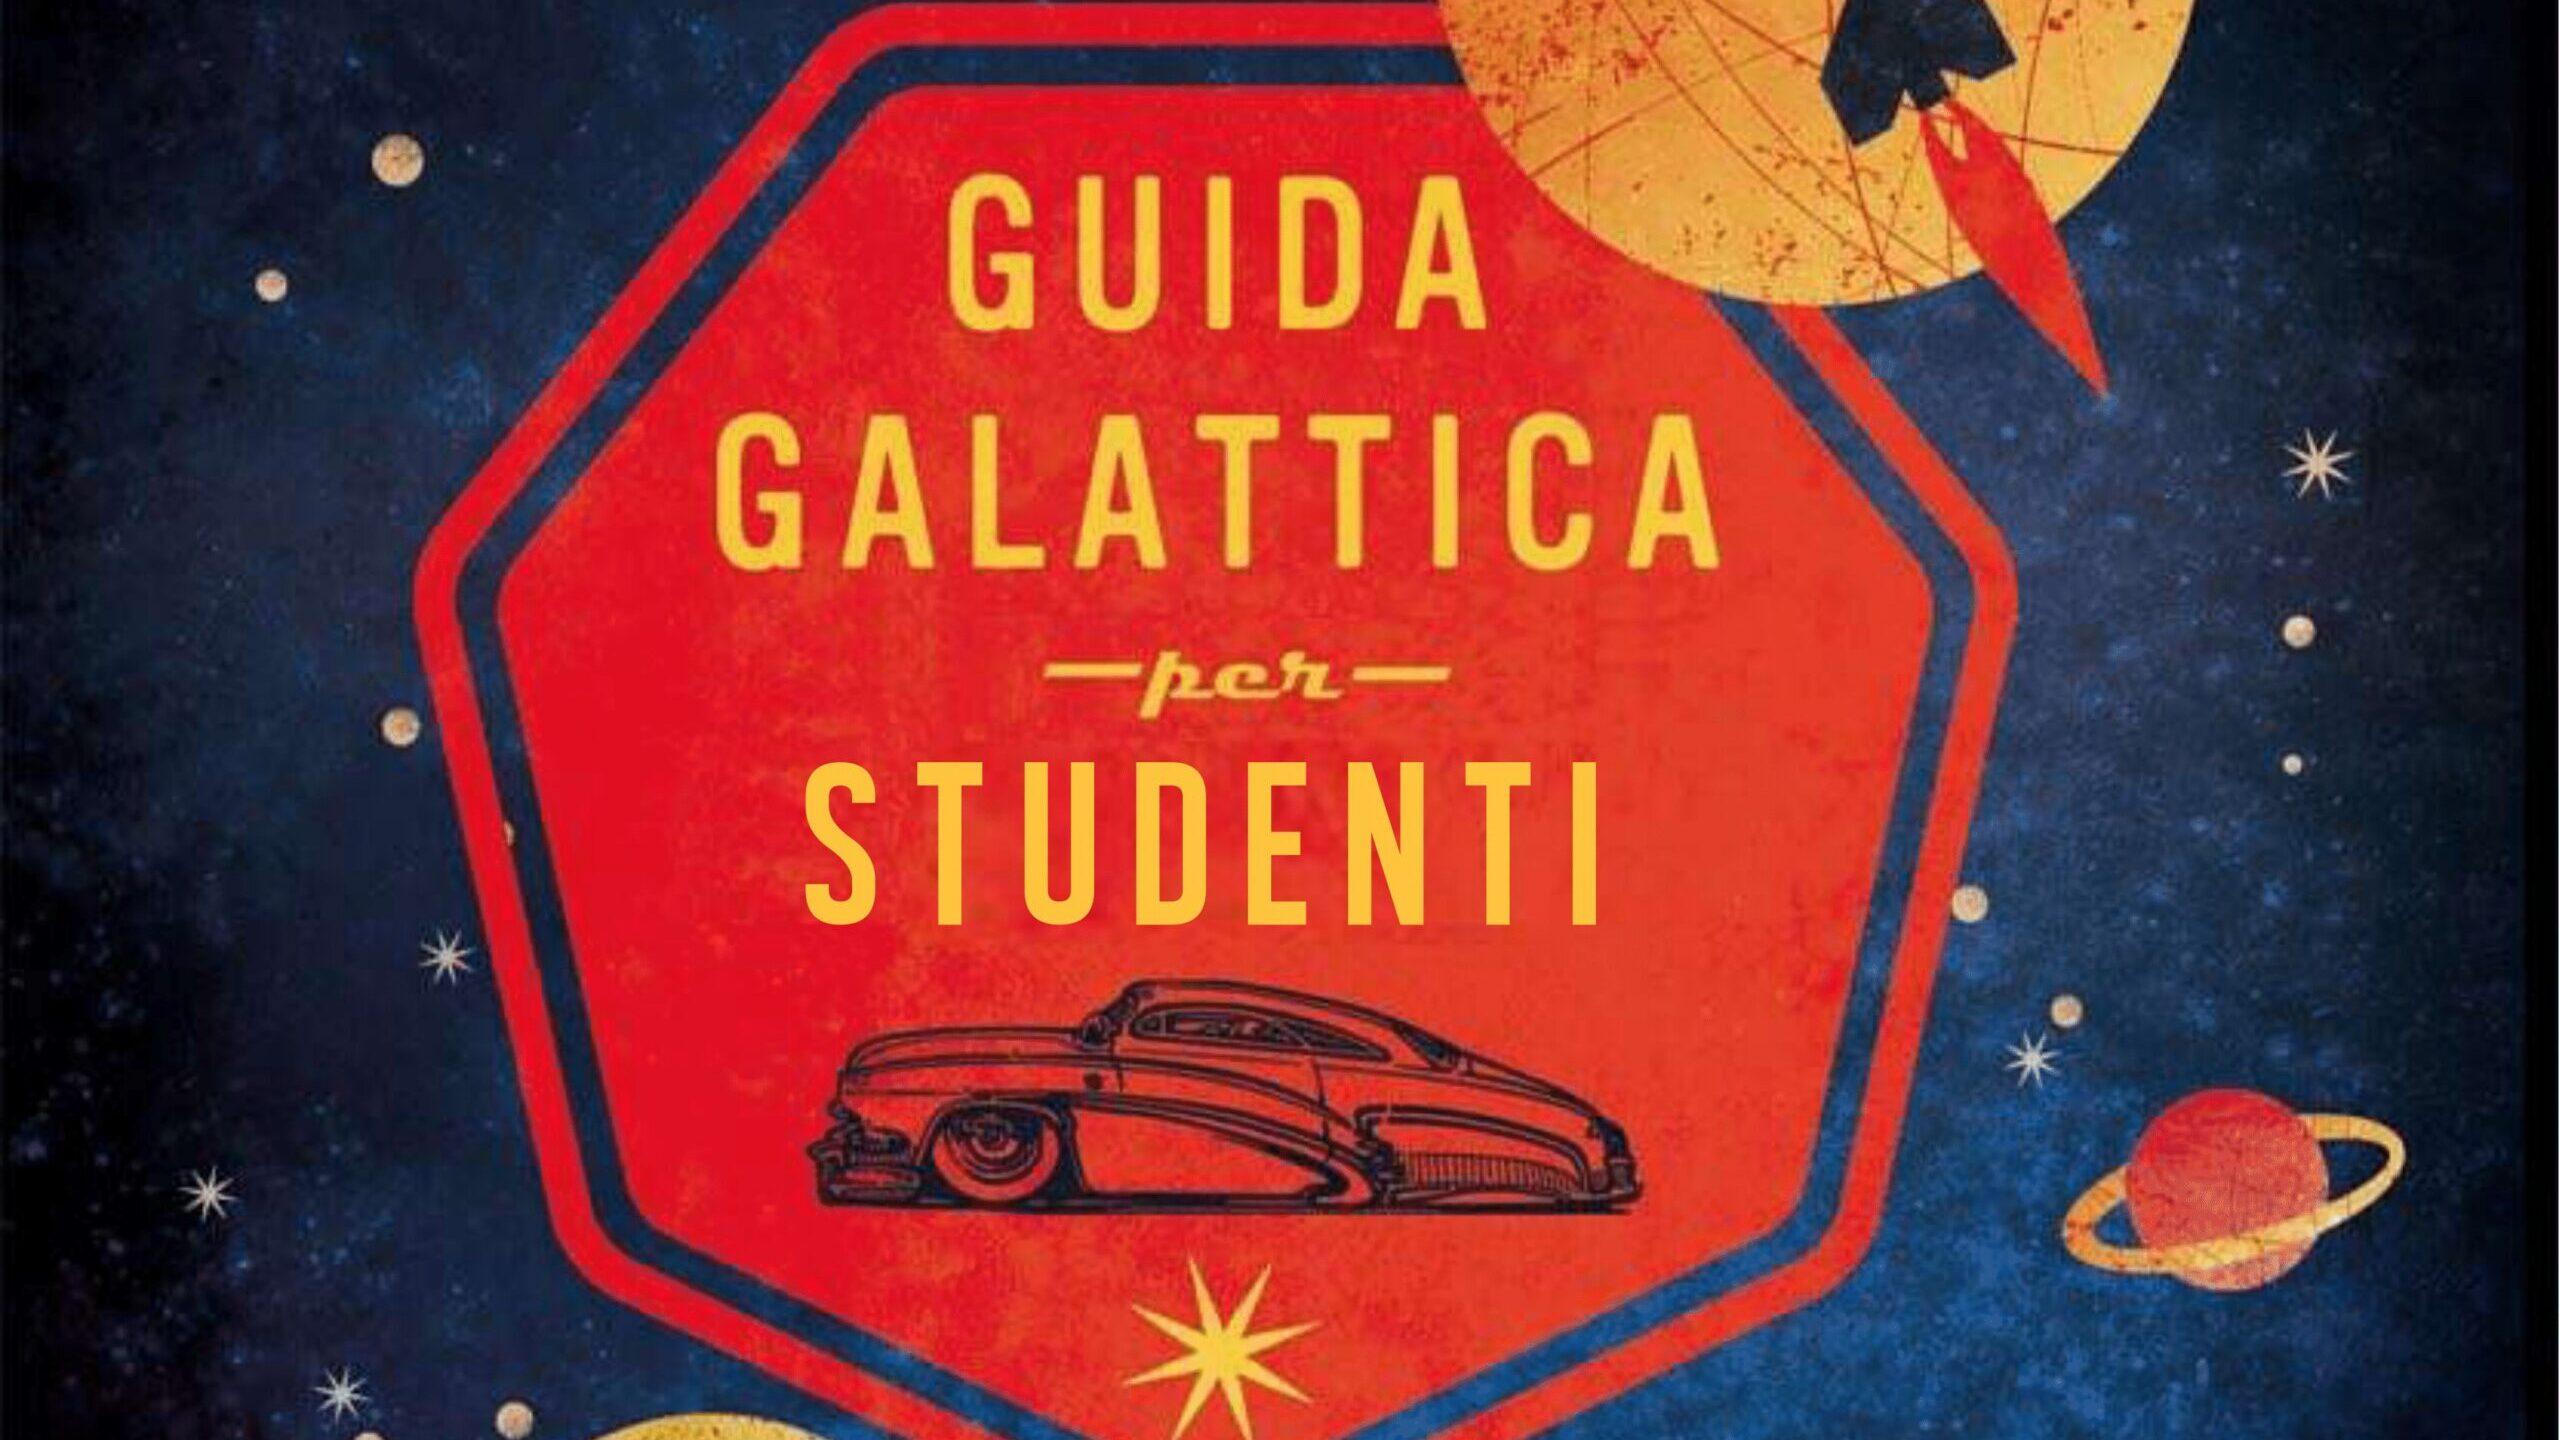 Guida galattica 2020